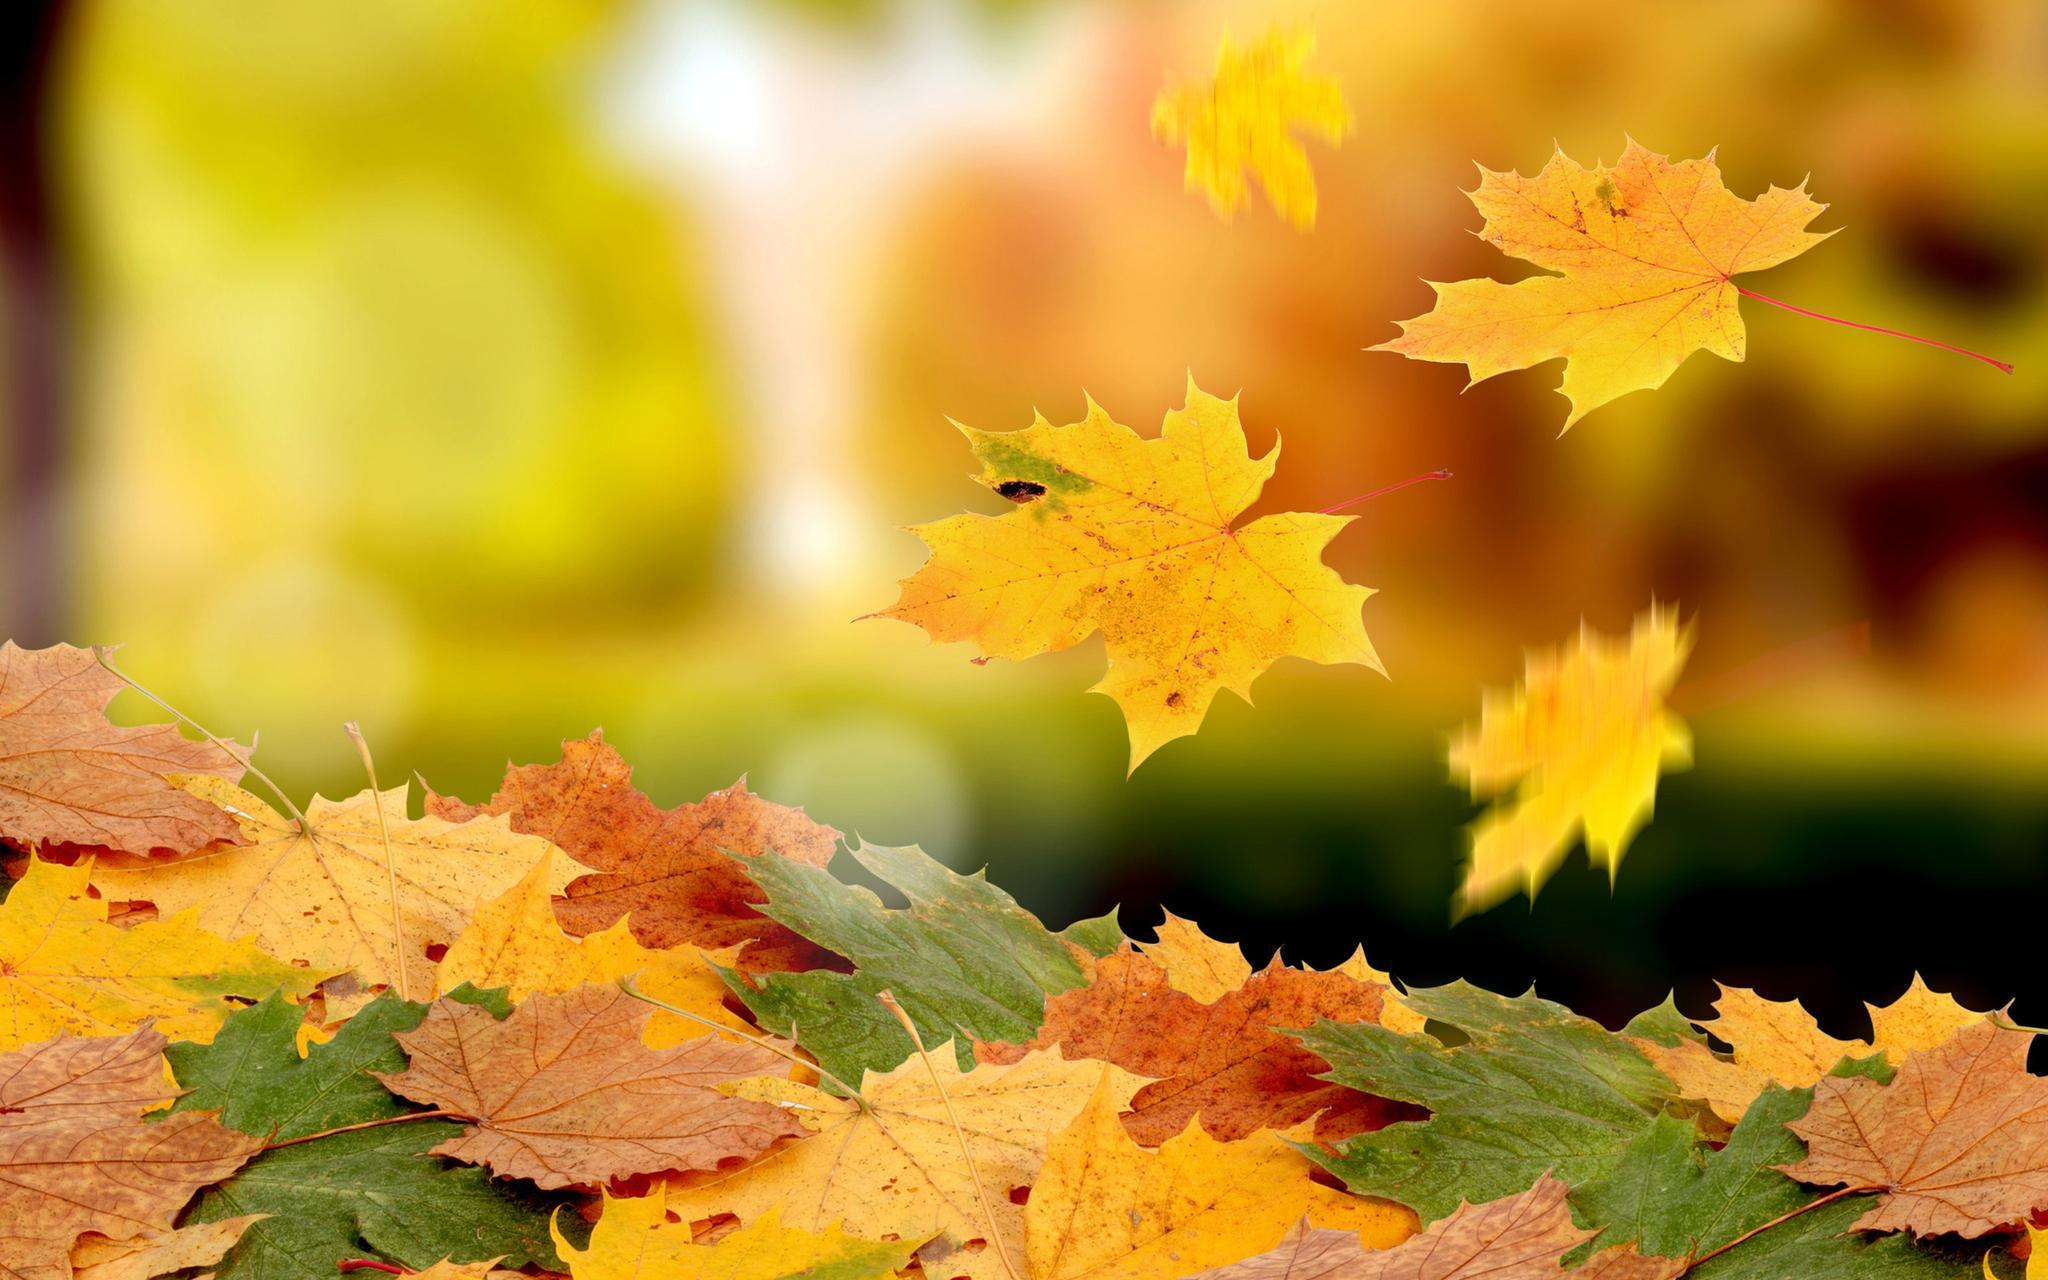 кленовый листопад